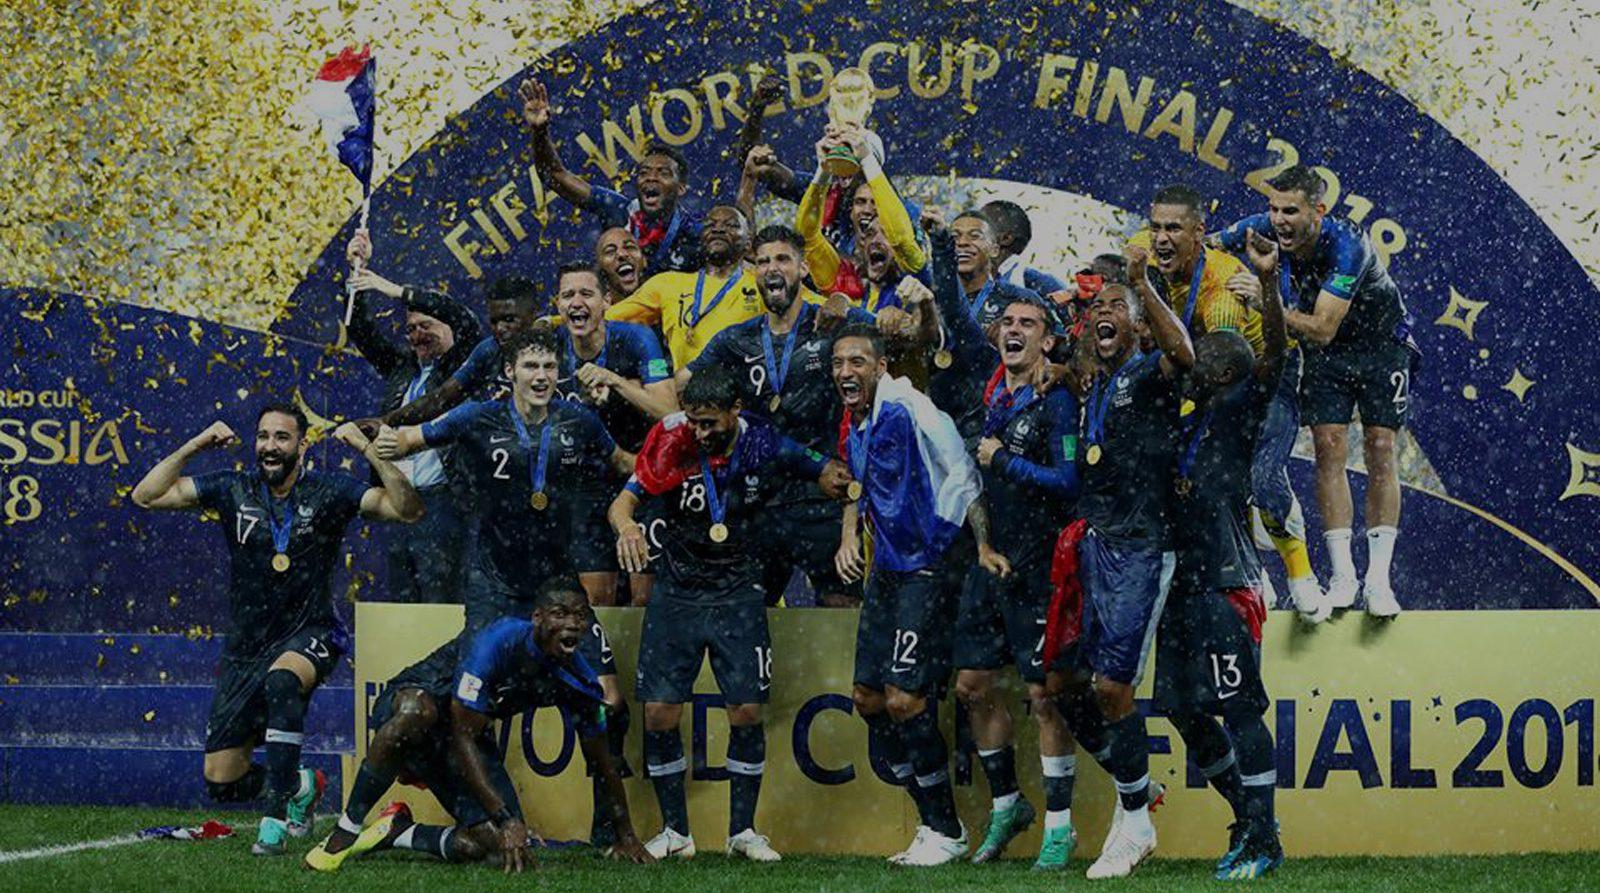 Gagner la Coupe du monde peut-il changer le futur d'un pays?